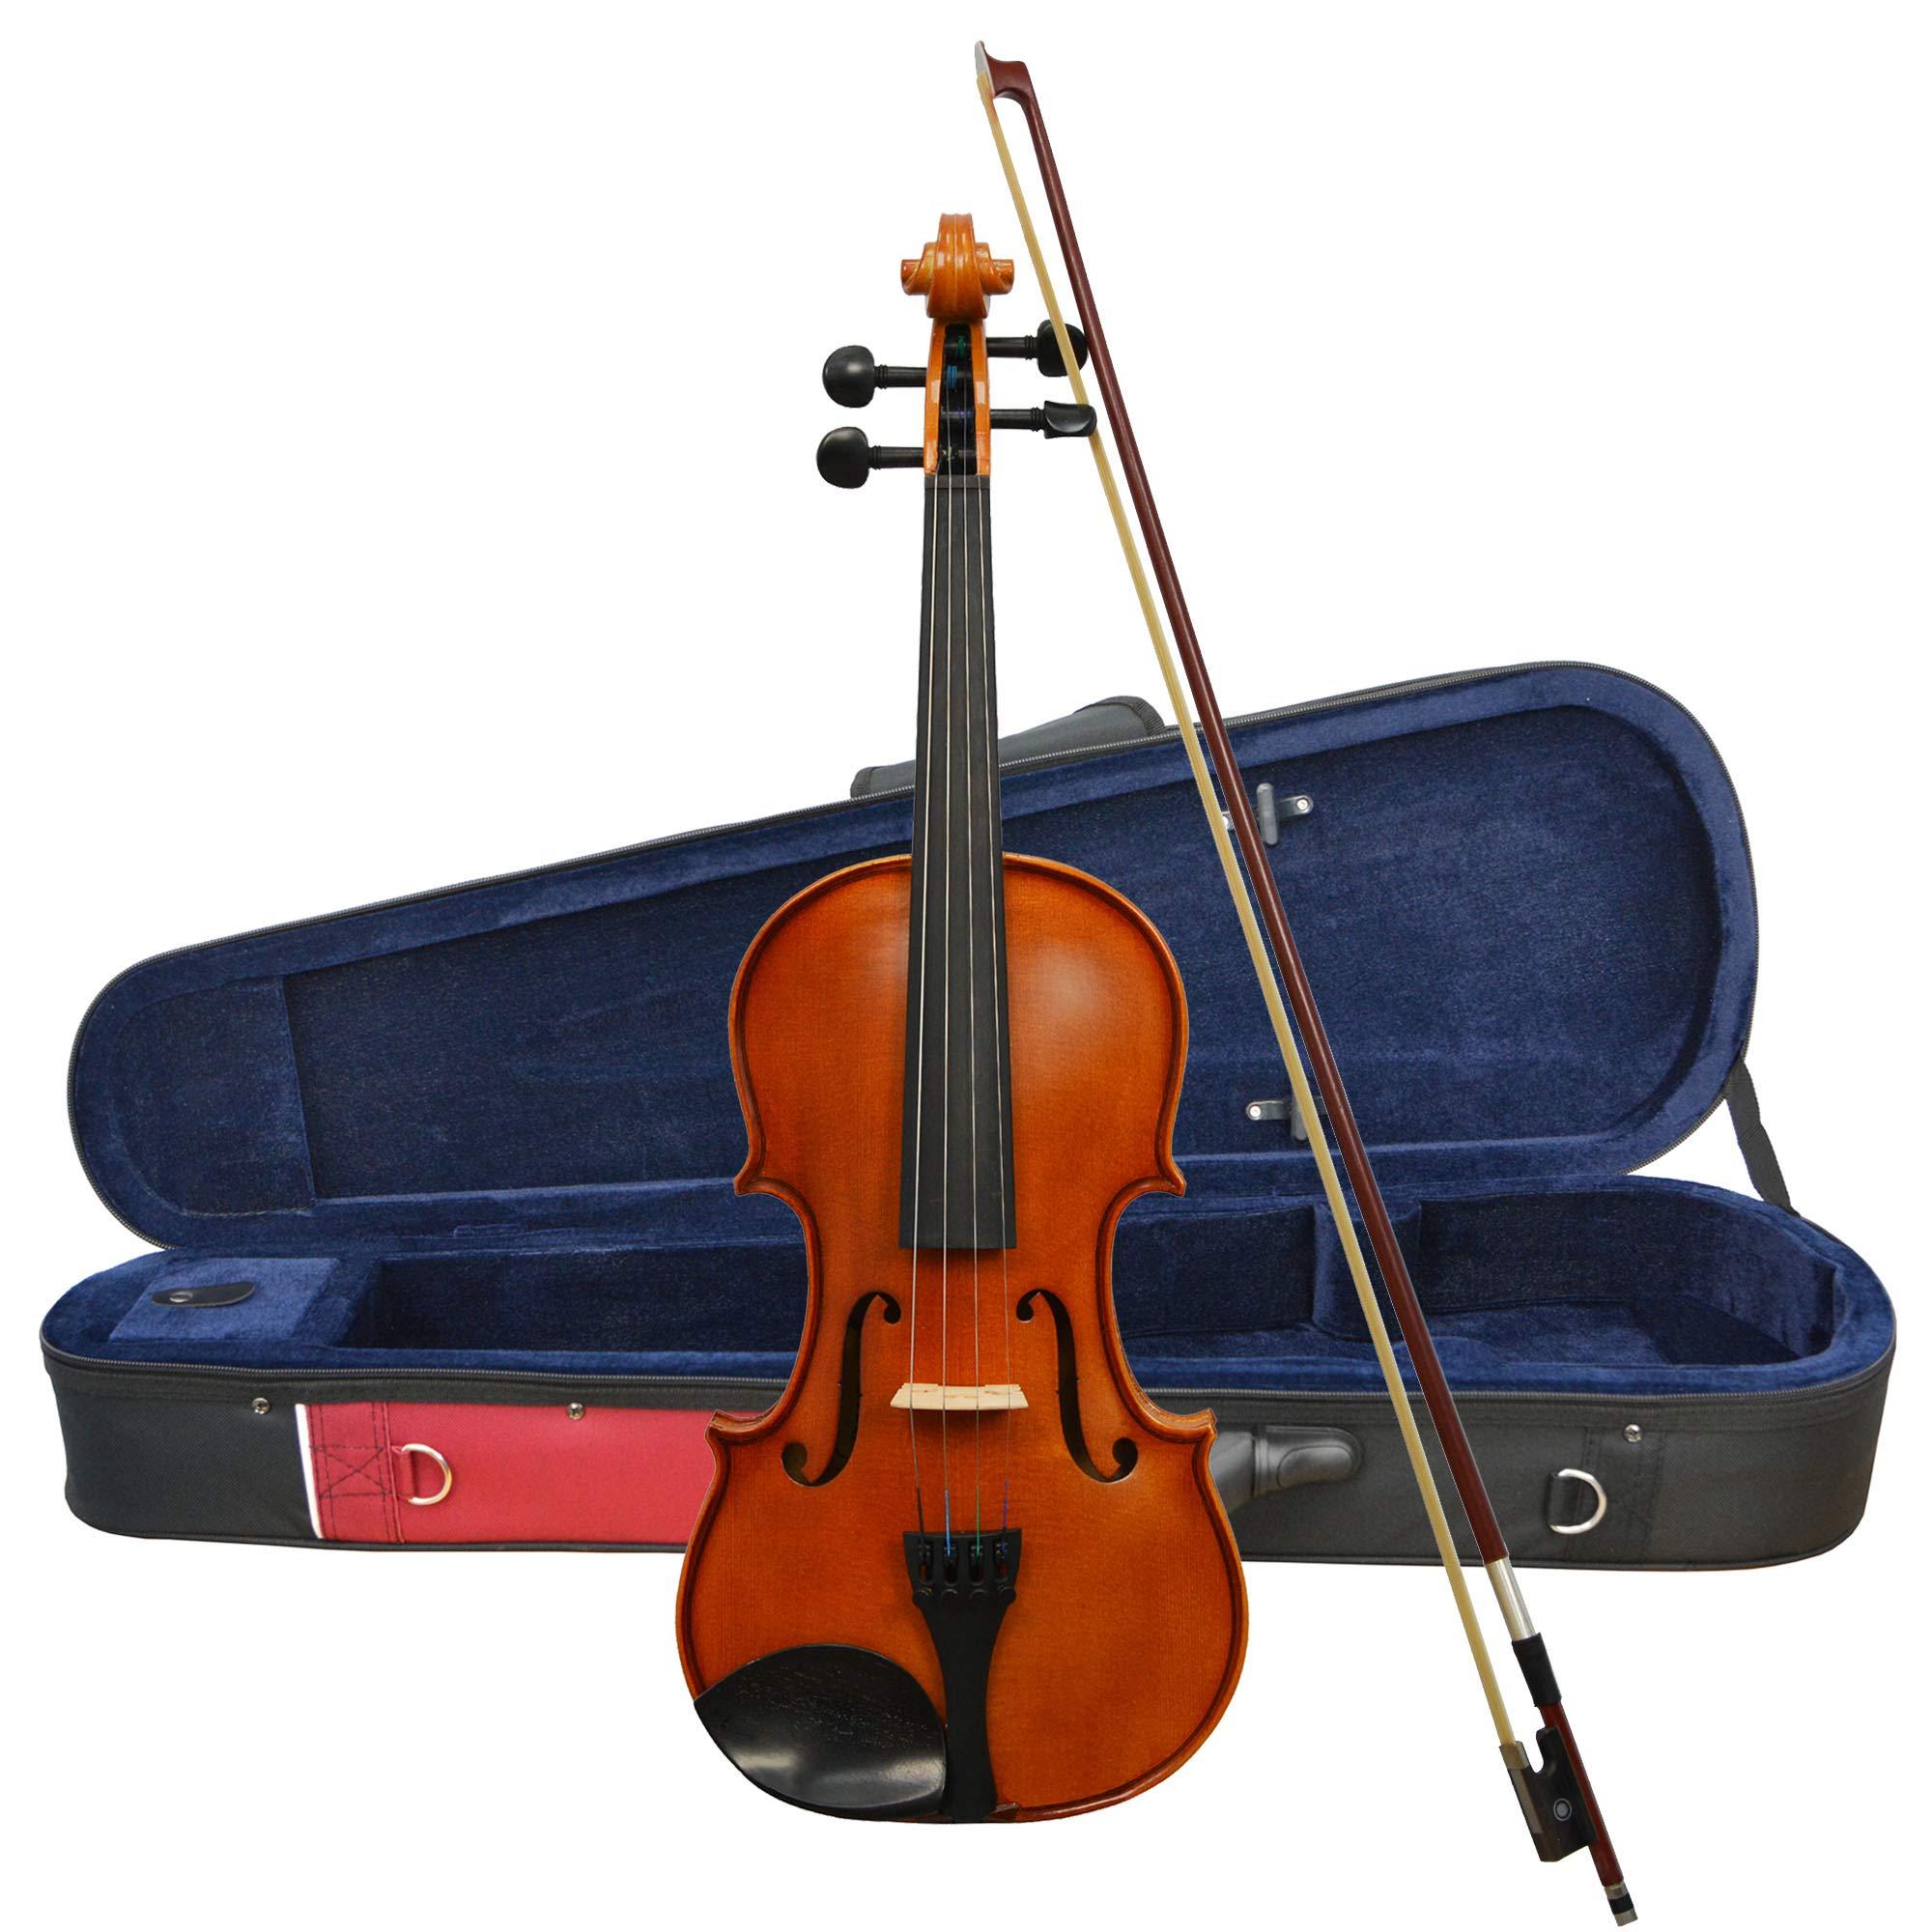 Forenza F2151H - Violín 1/10 con Accesorios, Marrón, 1/1: Amazon.es: Instrumentos musicales